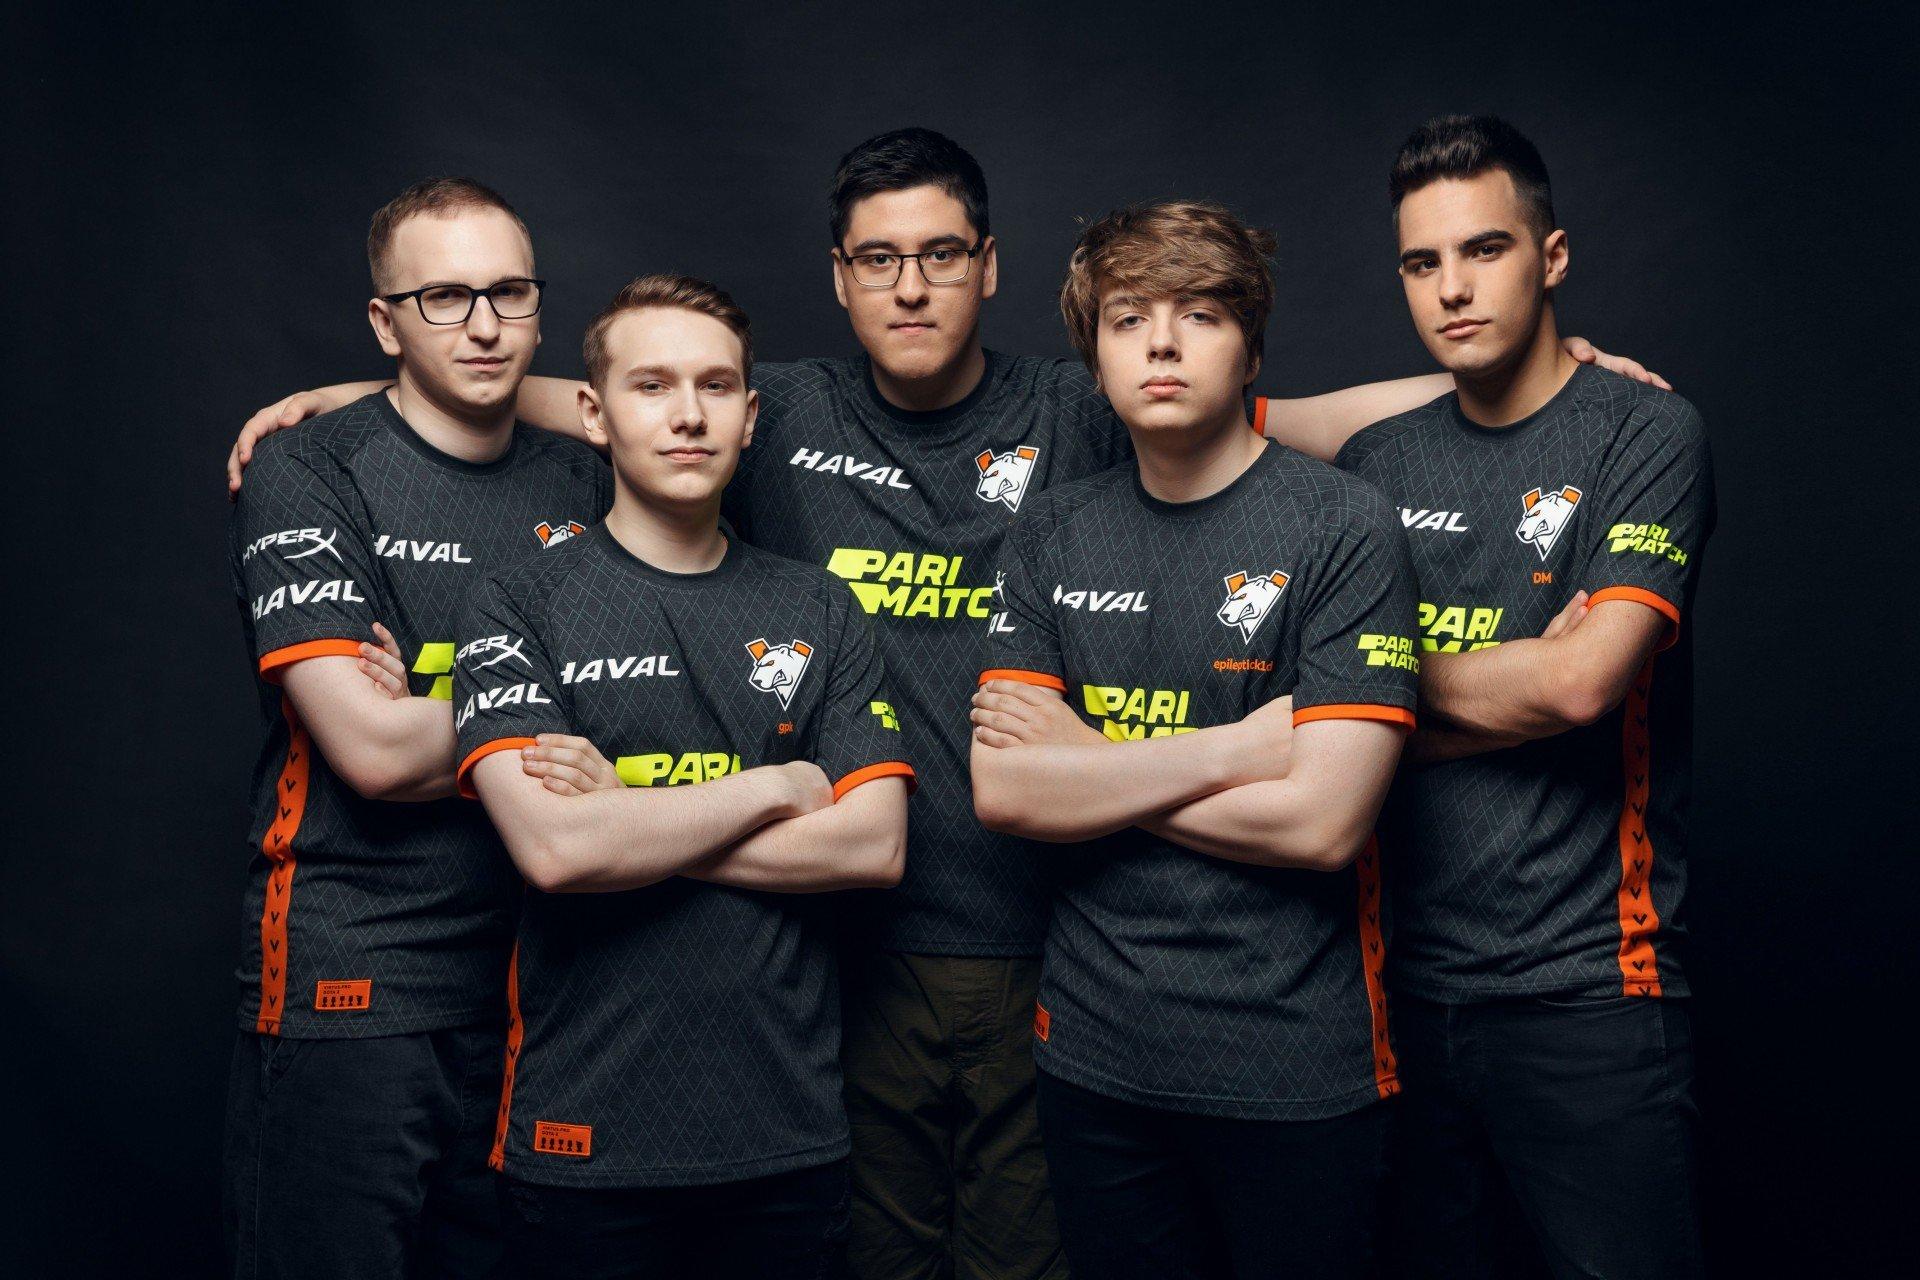 Virtuspro прошли в полуфинал Epic League обыграв Secret